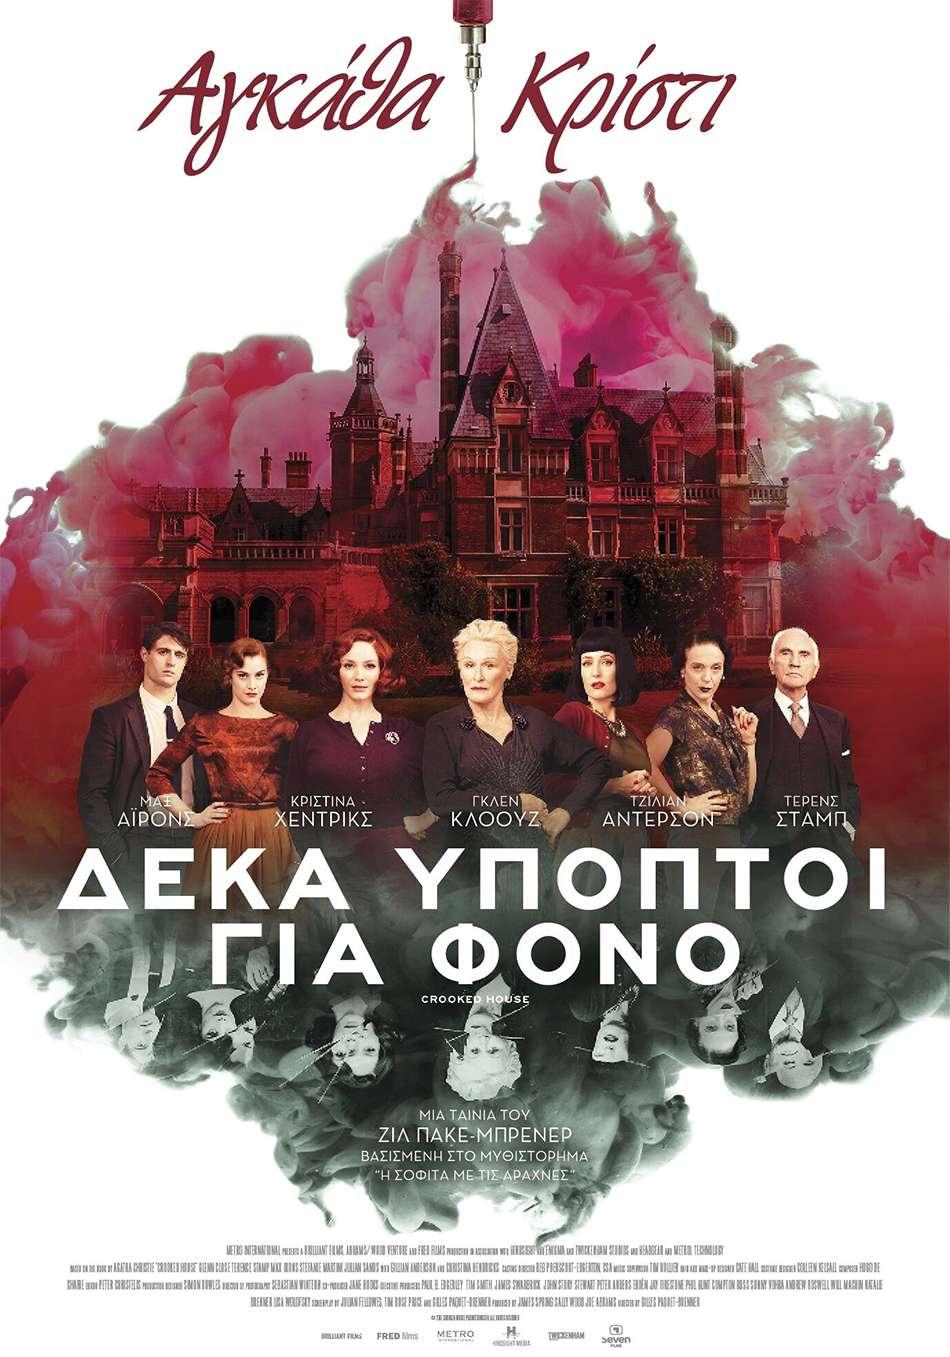 Δέκα ύποπτοι για φόνο (Crooked House) Poster Πόστερ